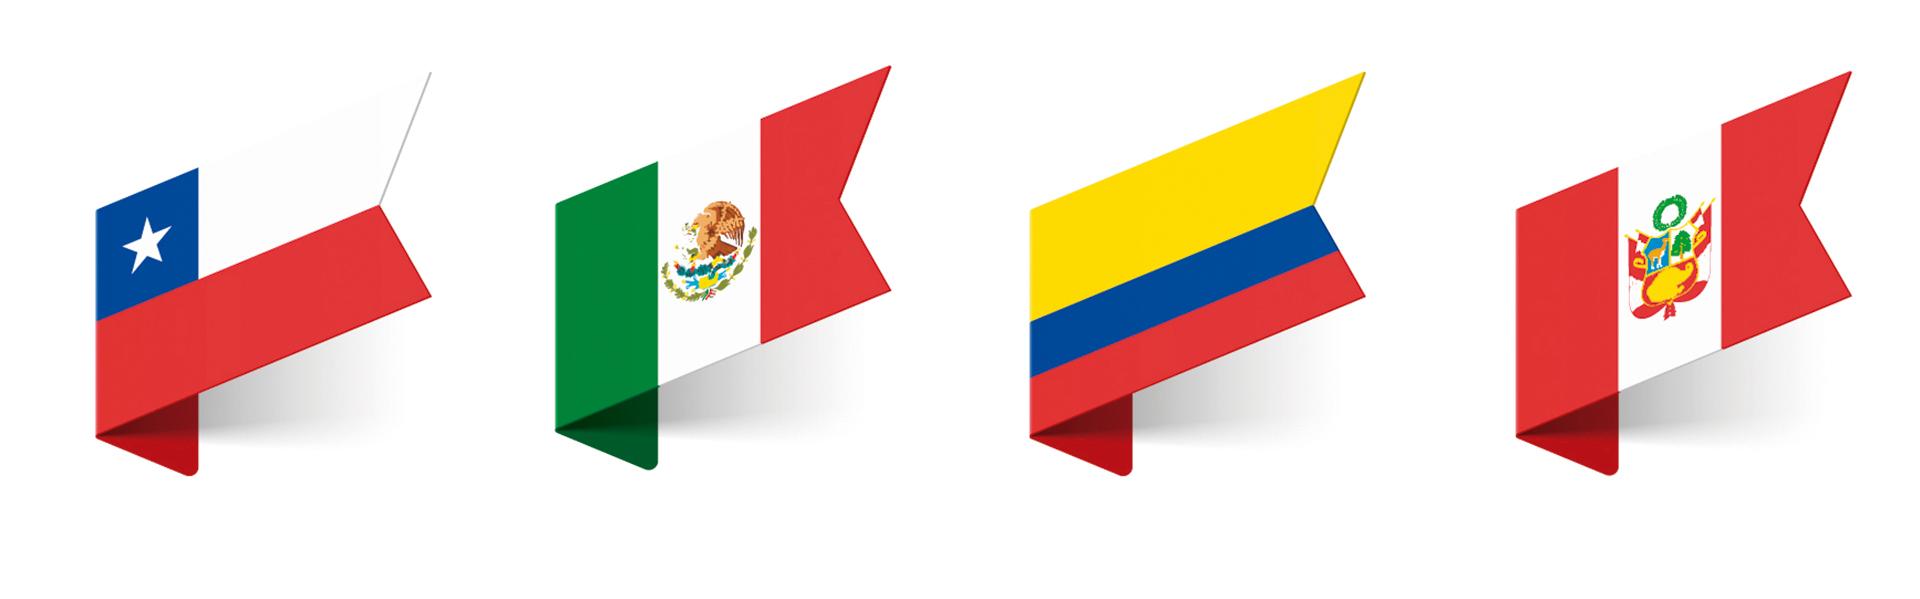 Presidencia Pro Tempore de Colombia de la Alianza del Pacífico-image2